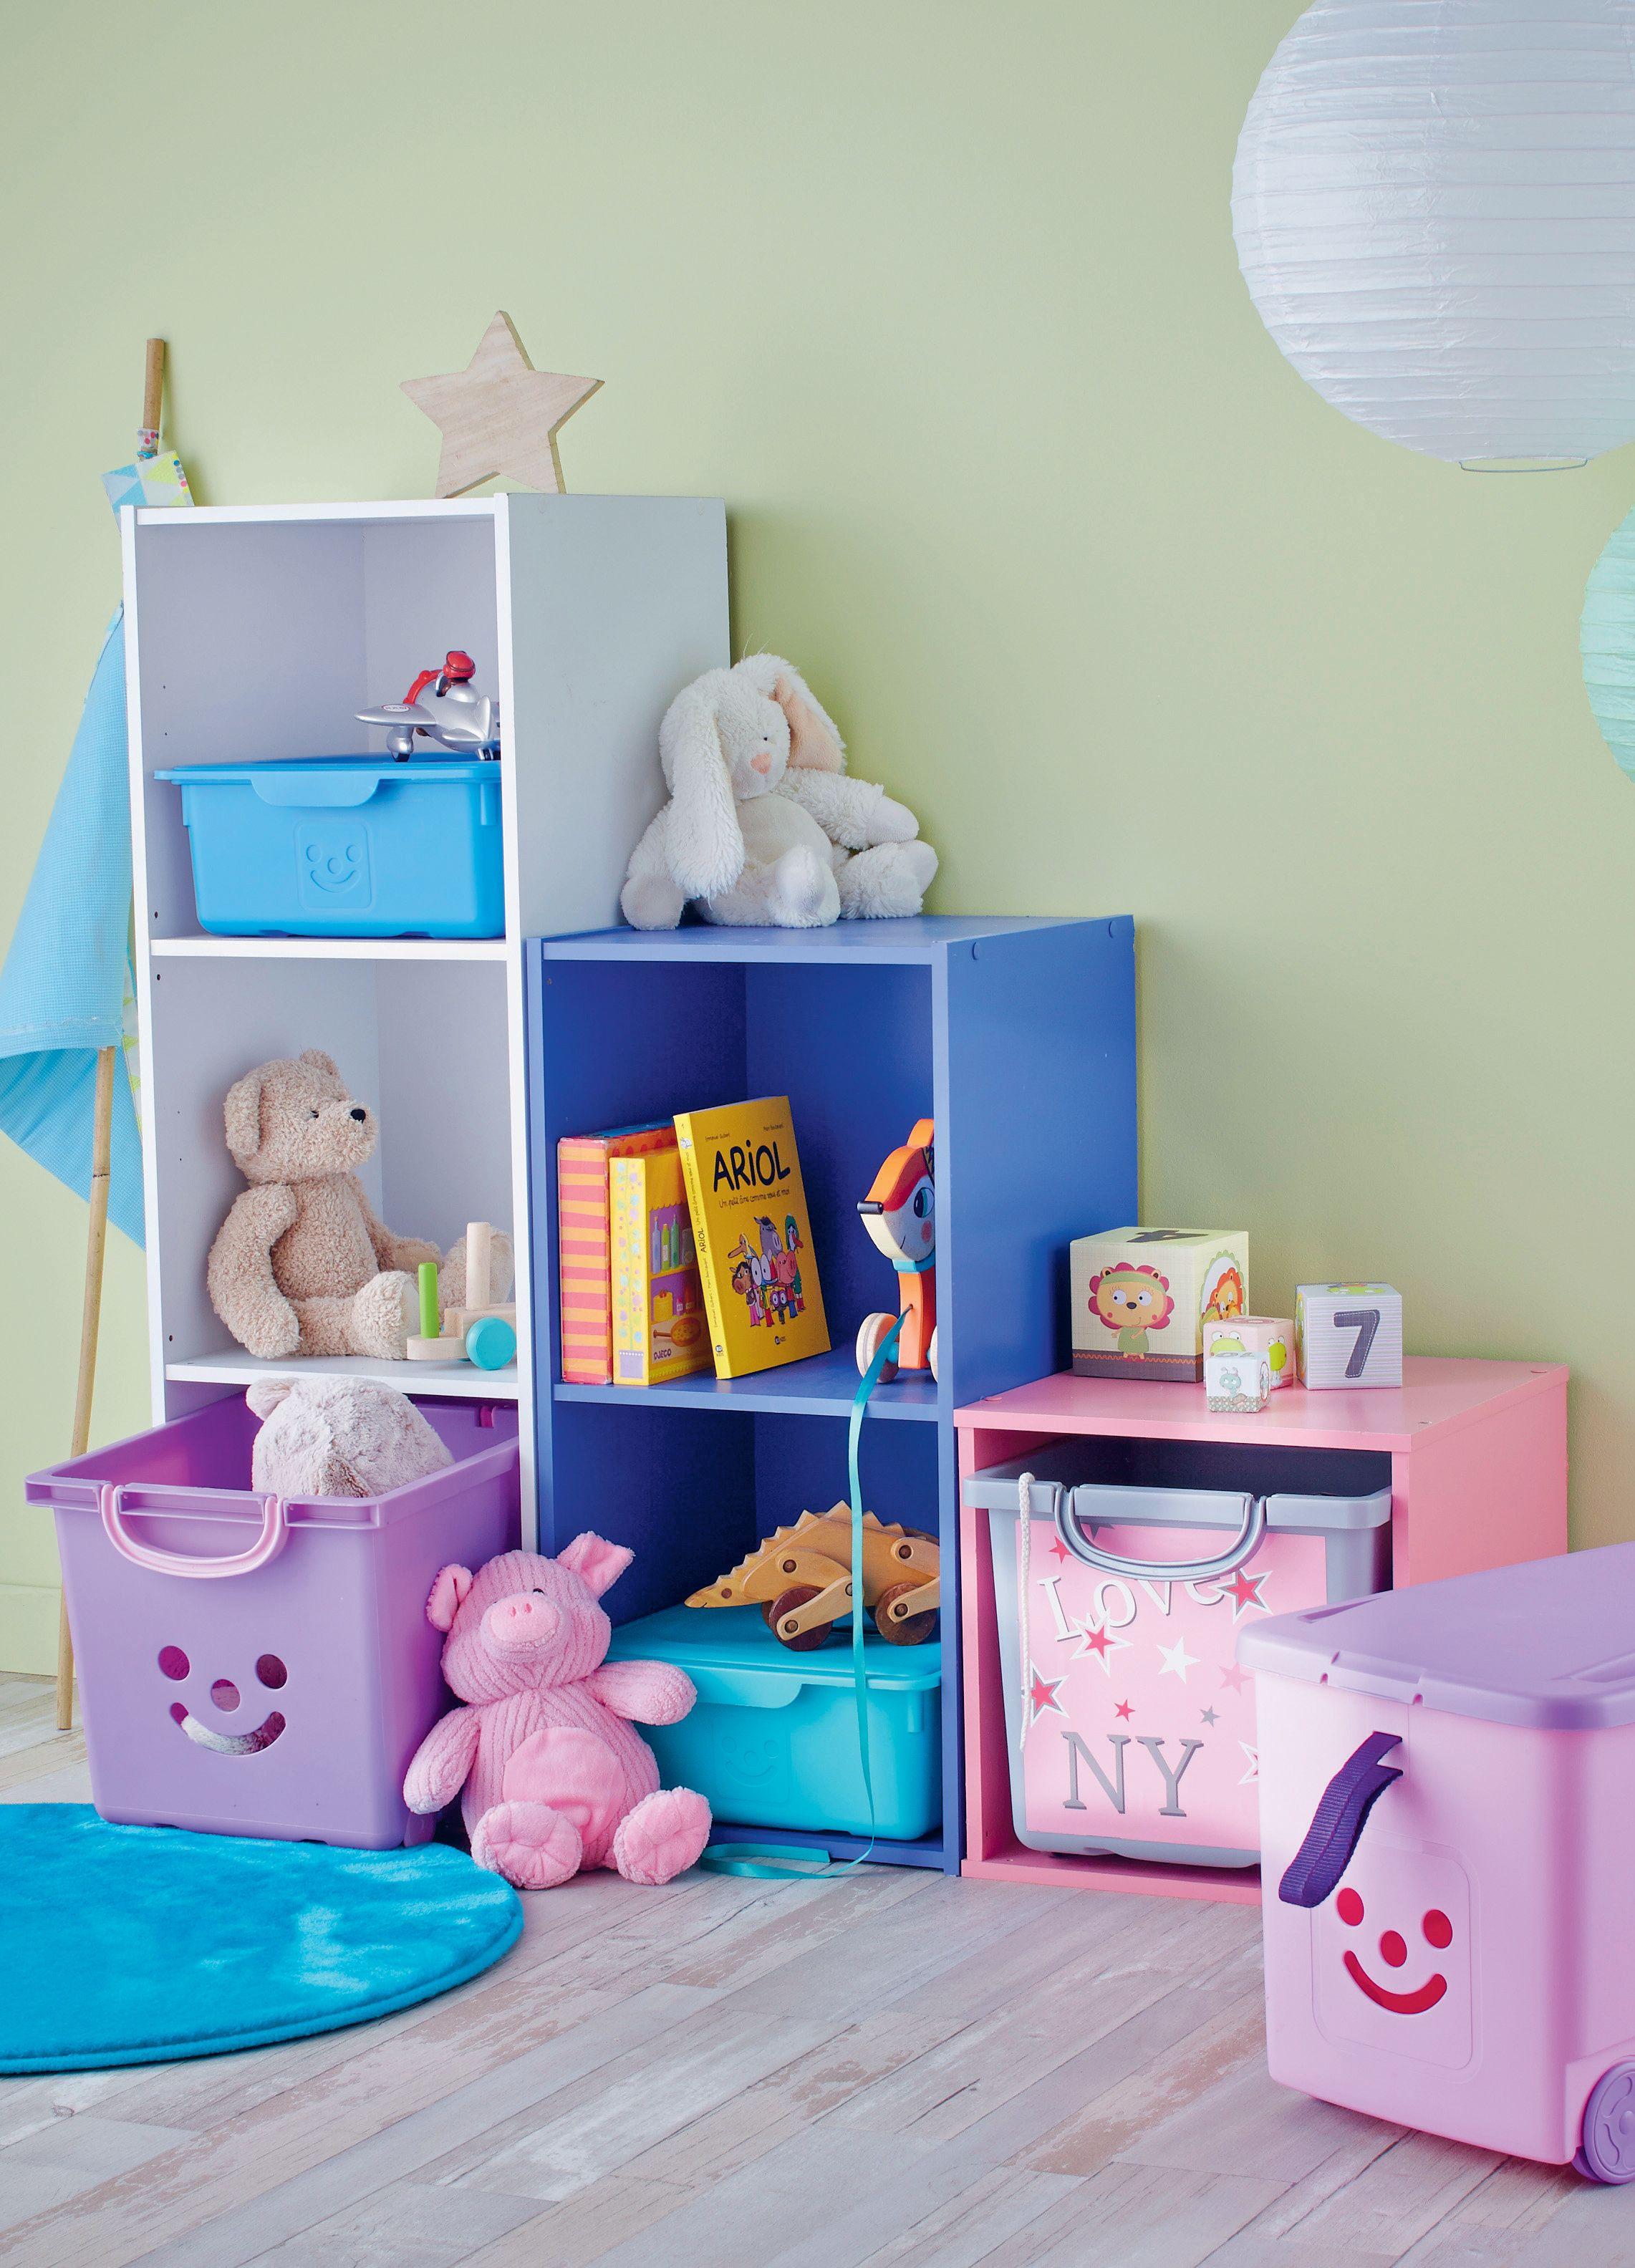 Hobbit Bac De Rangement Sourire Decoration Deco Maison Enfant Alinea Bac De Rangement Deco Chambre Boite De Rangement